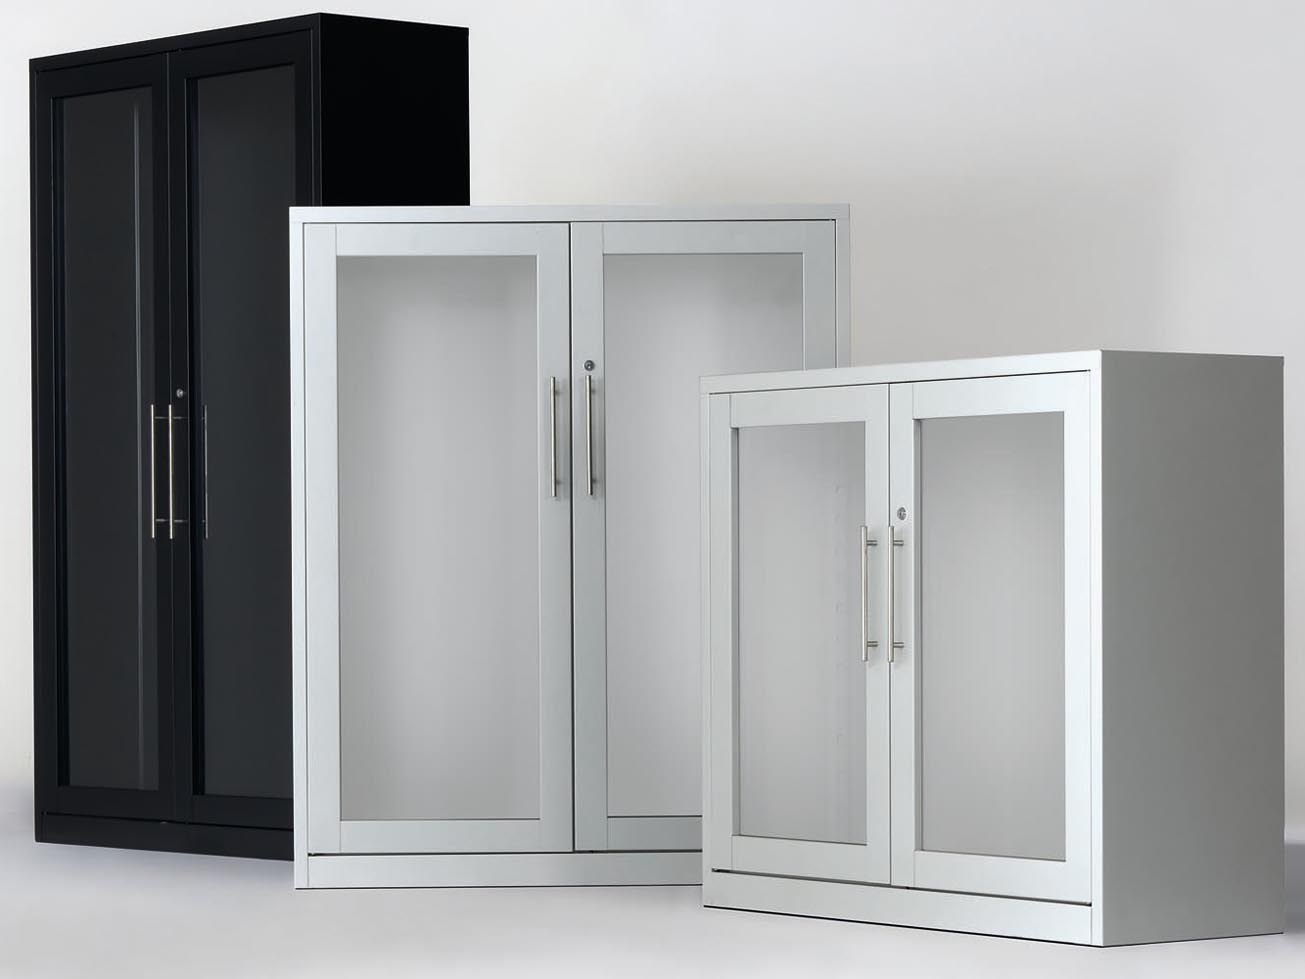 Armario puertas cristal abatibles coprohi - Puerta cristal abatible ...